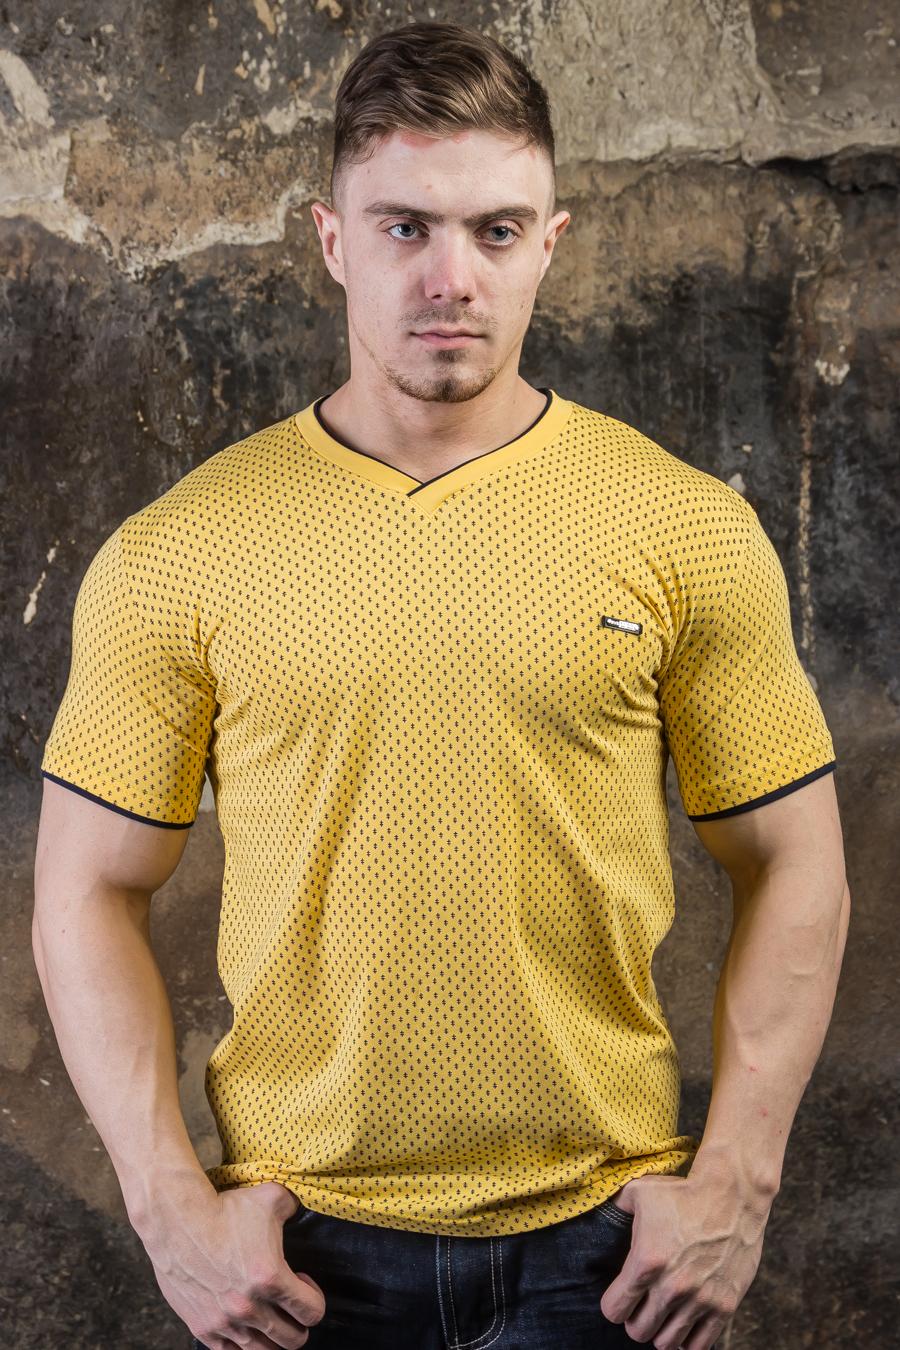 СЕГОДНЯ СТОП! Молодежная мужская одежда по привлекательным ценам (футболки от 350 руб)